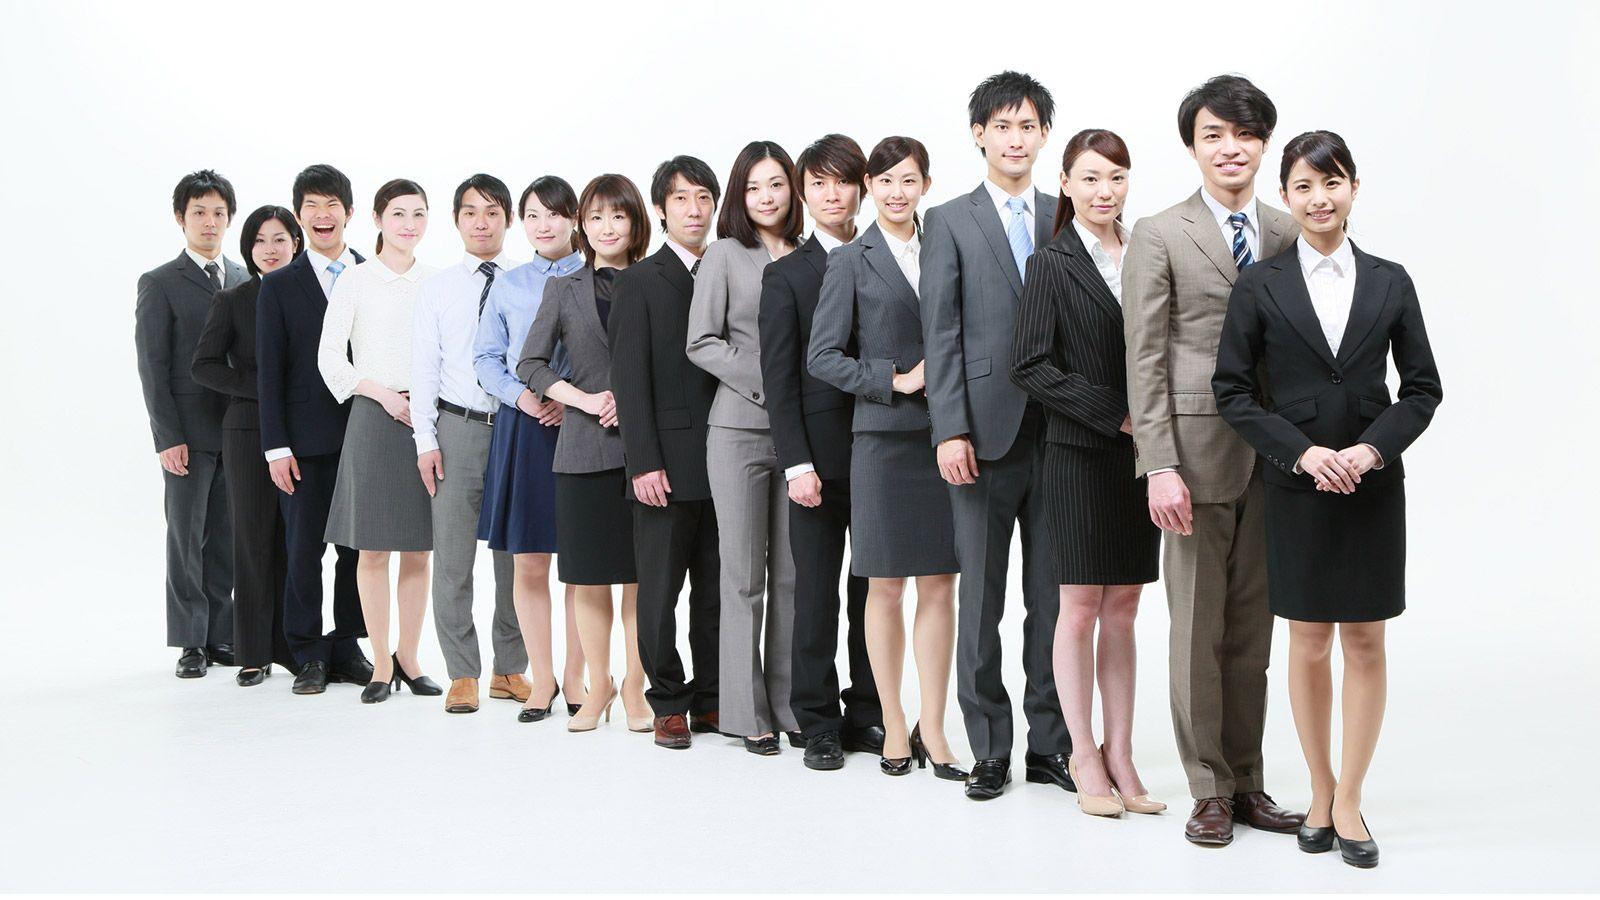 大変化時代は「先着順」という採用も有効だ | 上司と部下の常識・非常識